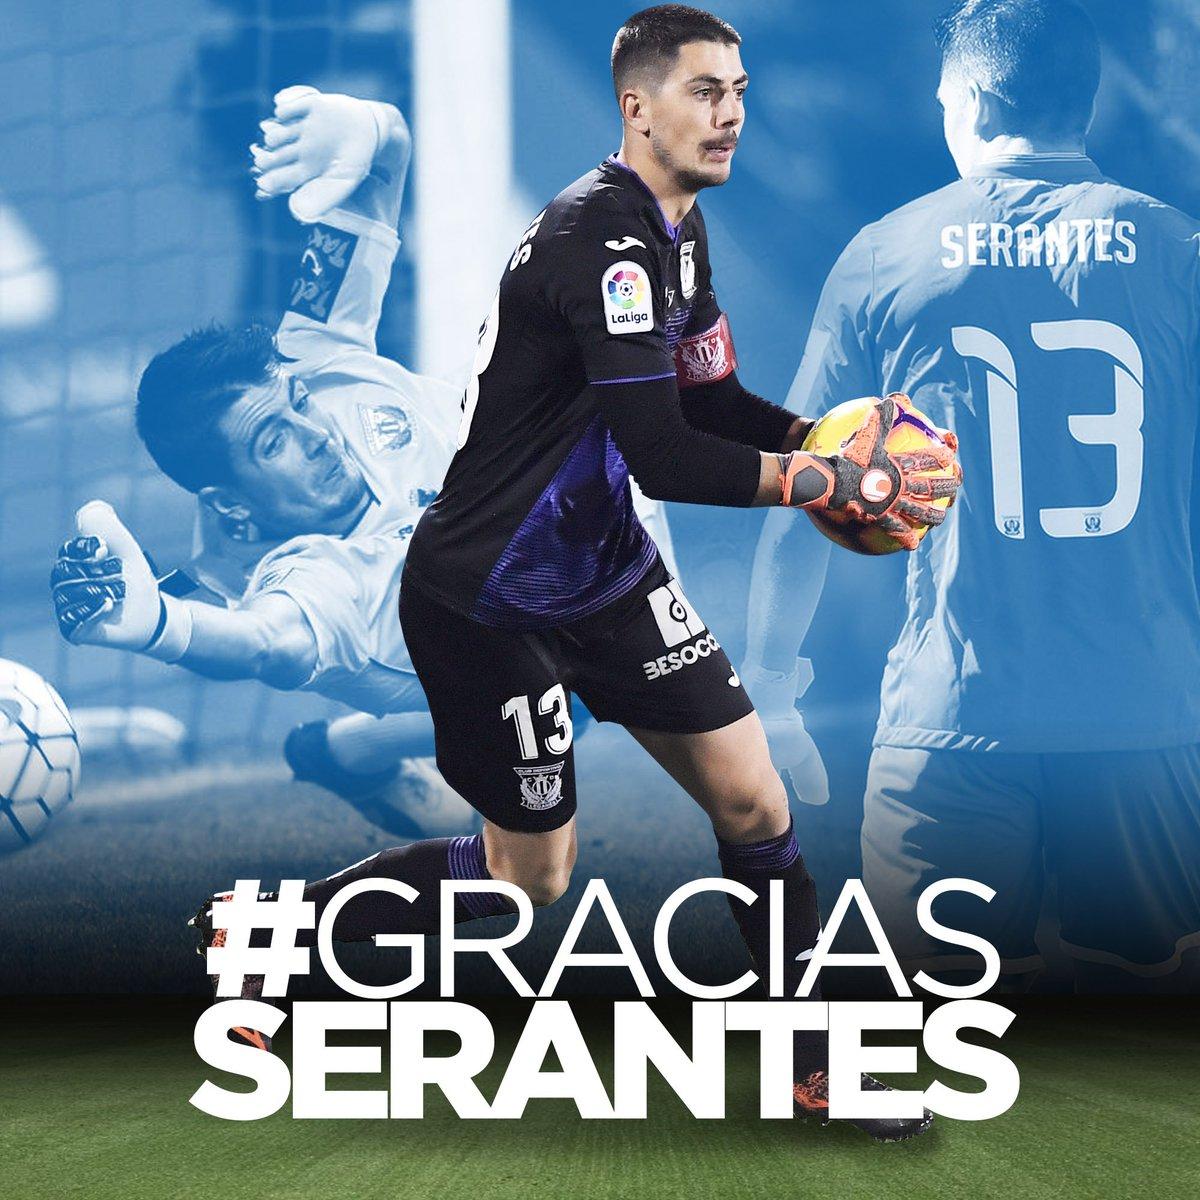 Despedida del Leganés a Serantes.